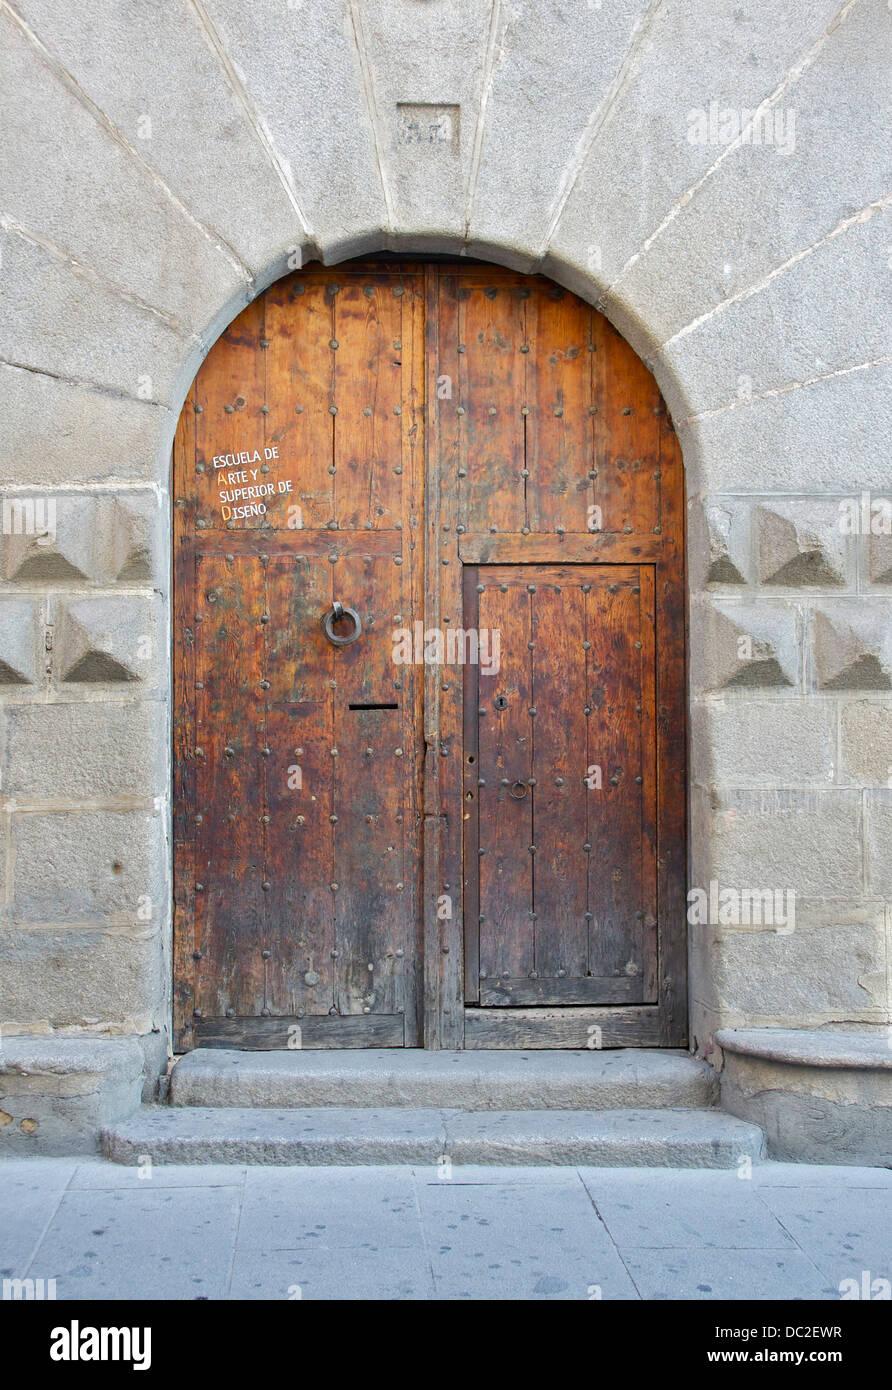 Door of the 'Casa de los Picos', 15th-century, Segovia, Spain. - Stock Image